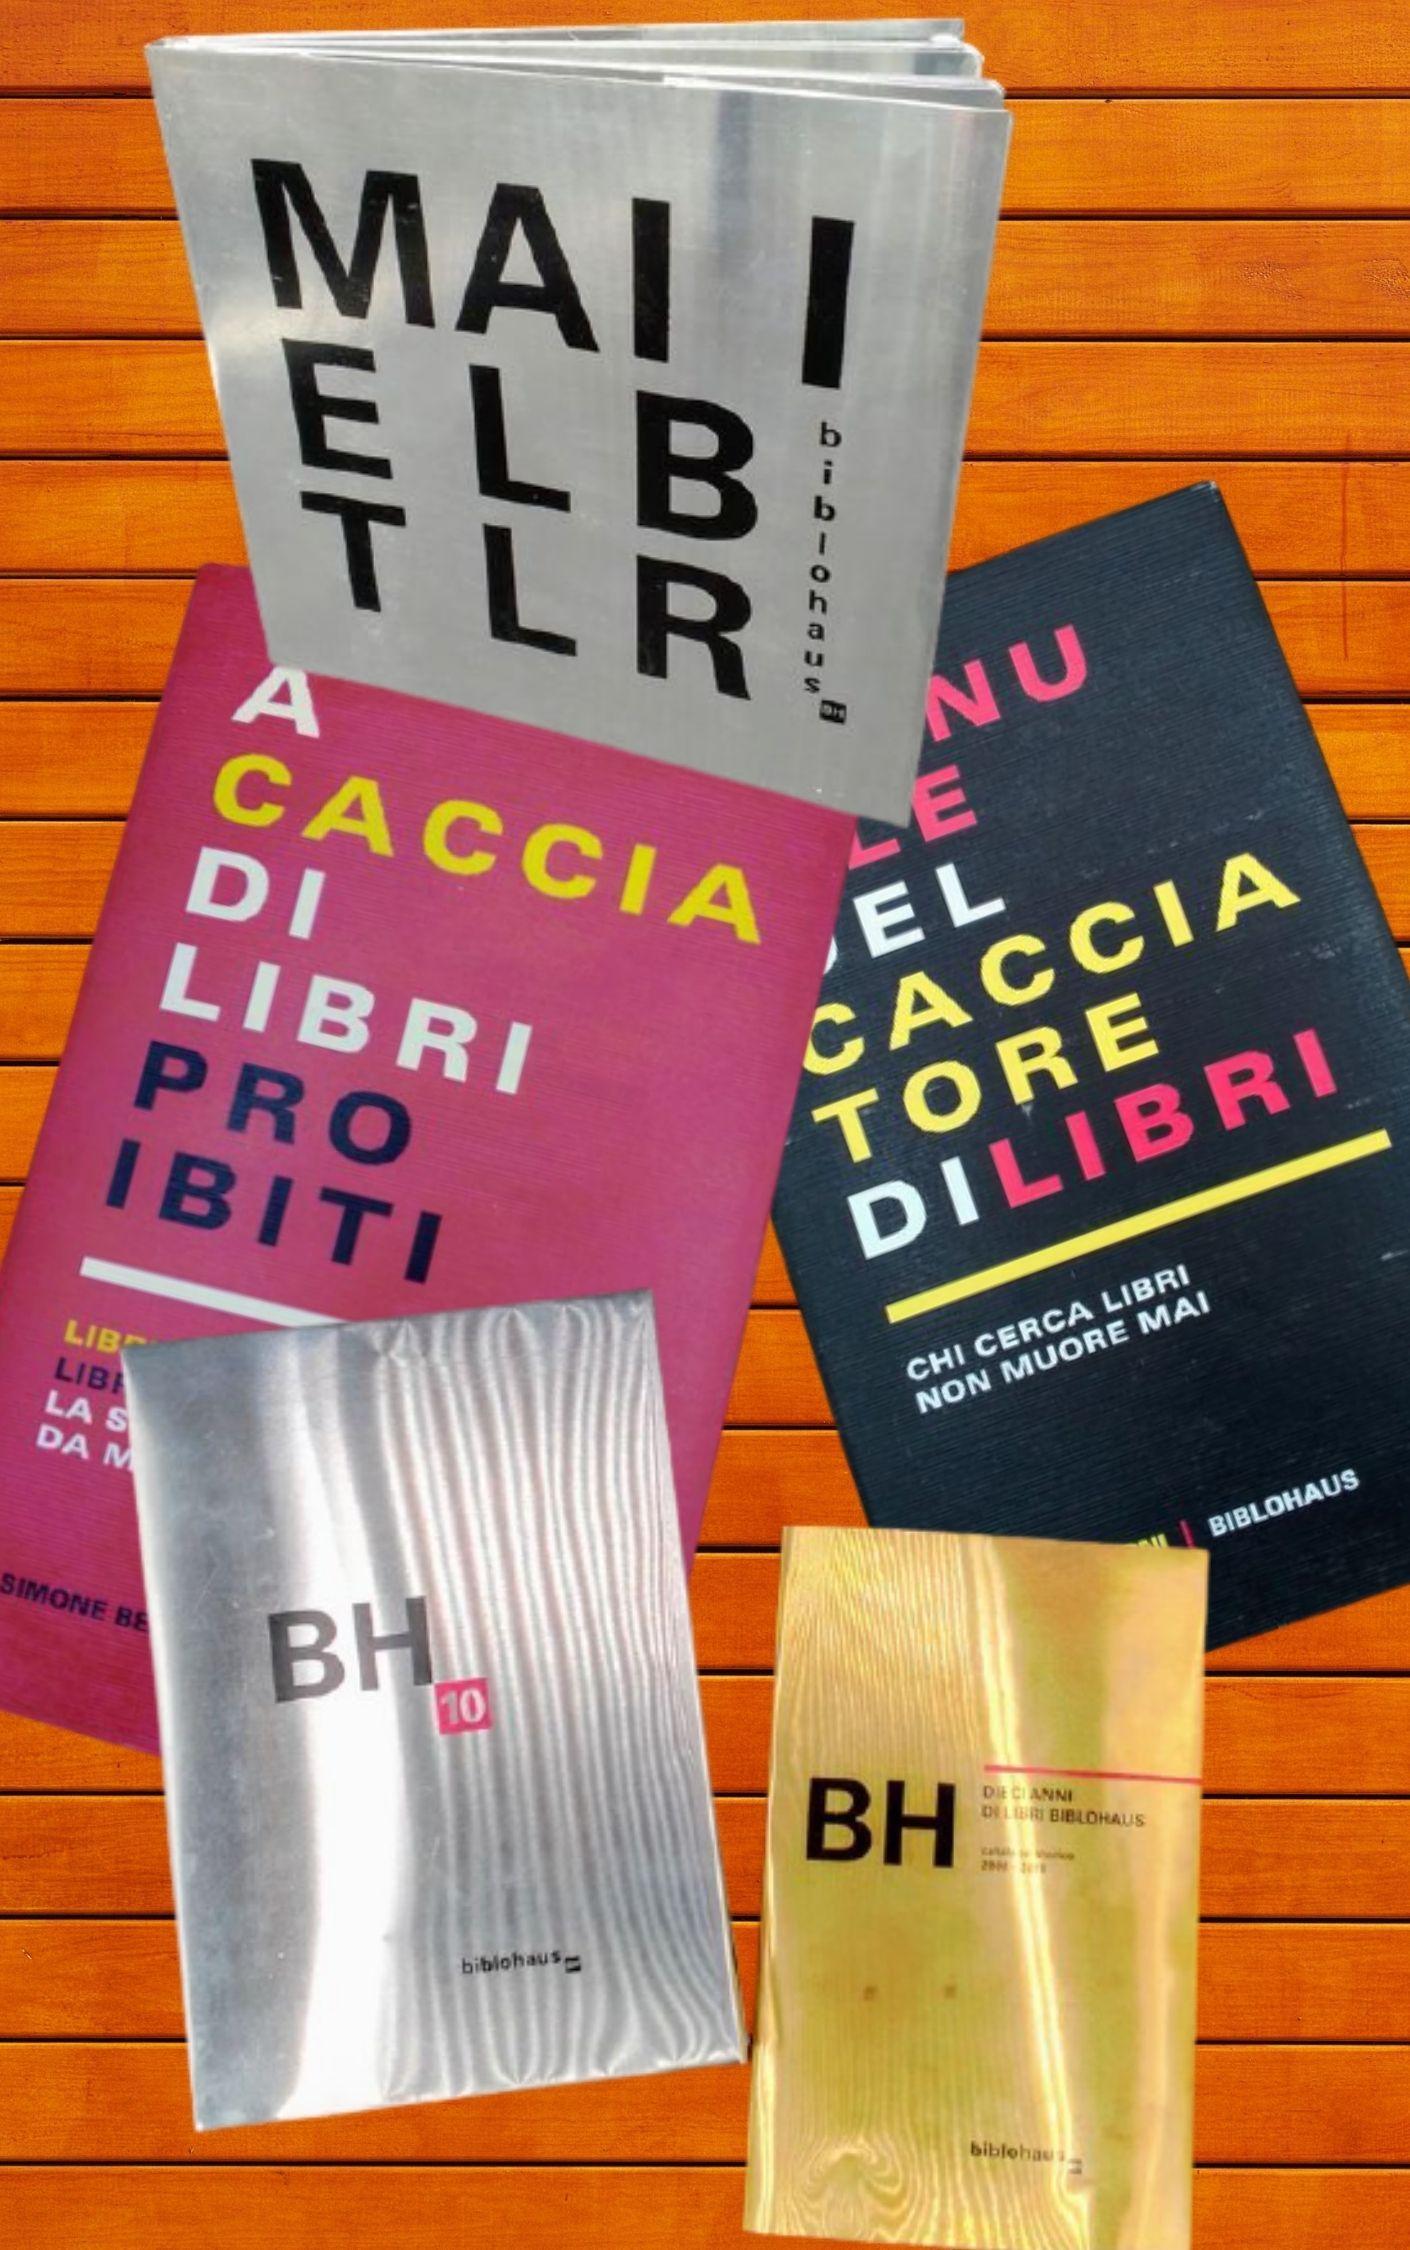 Qualche libro in tiratura limitata della Biblohaus in asta su Catawiki